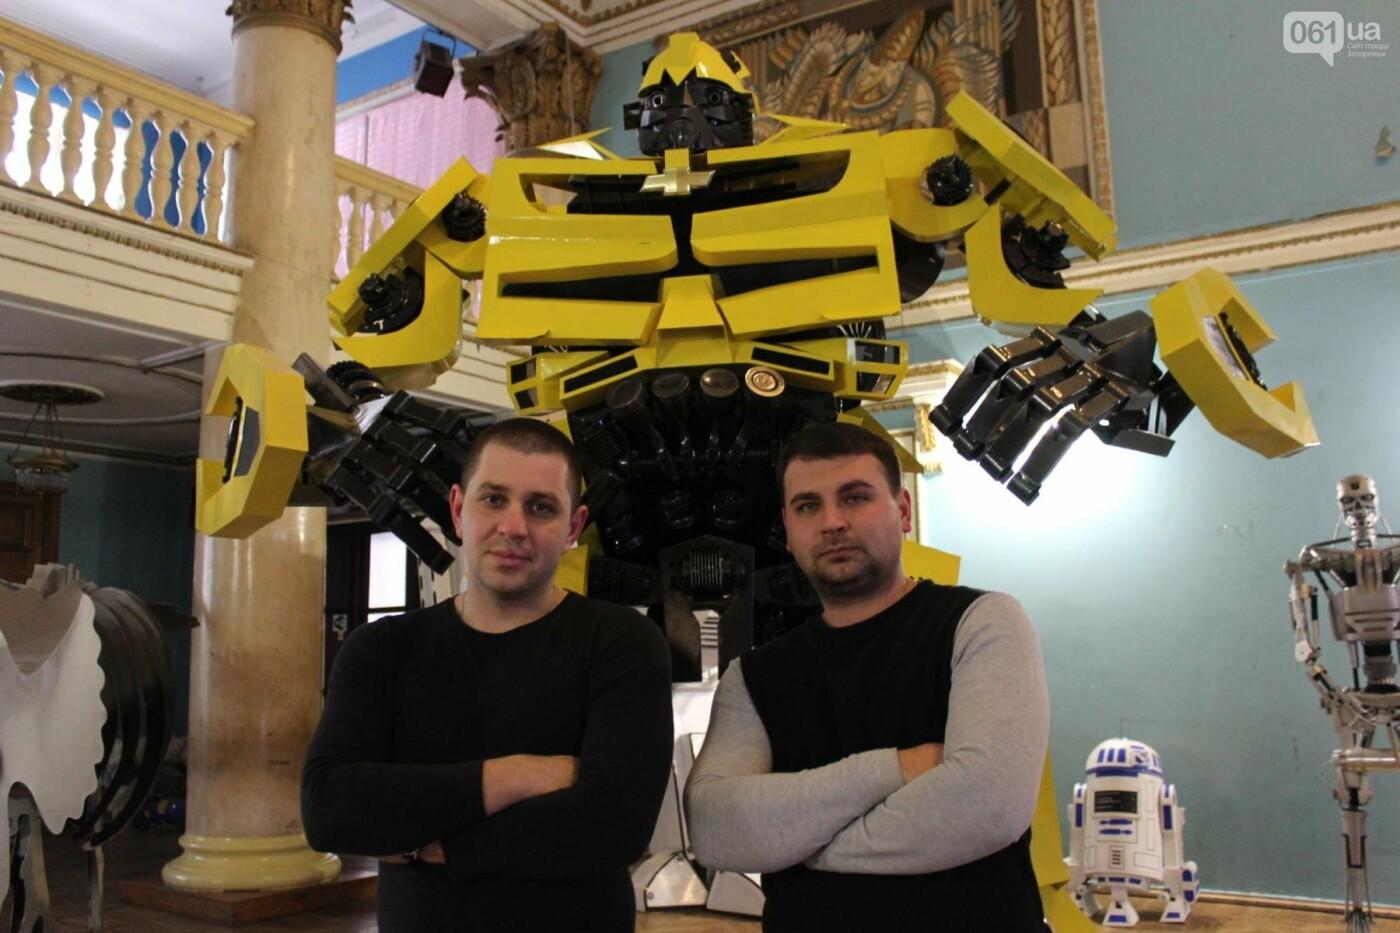 Запорожцы, которые создают роботов-киногероев, установили рекорд Украины, – ФОТО, фото-1